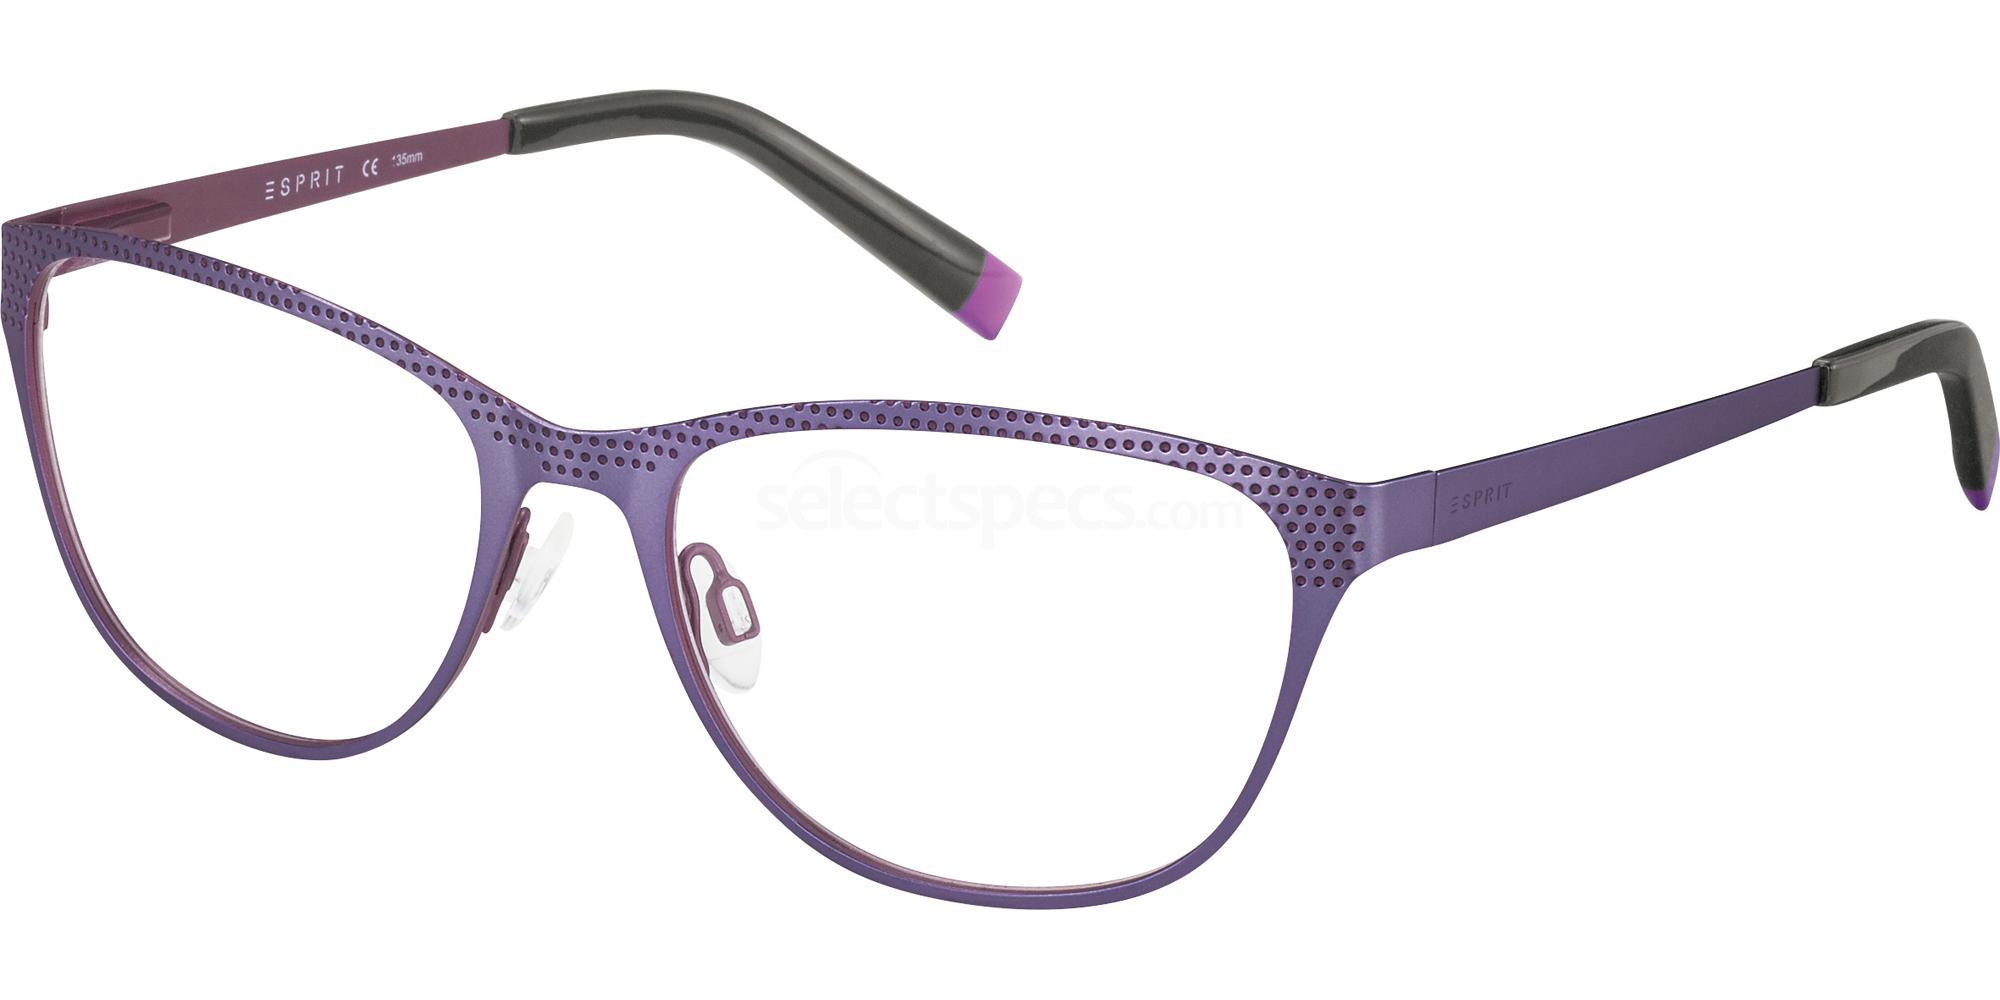 533 ET17497 Glasses, Esprit